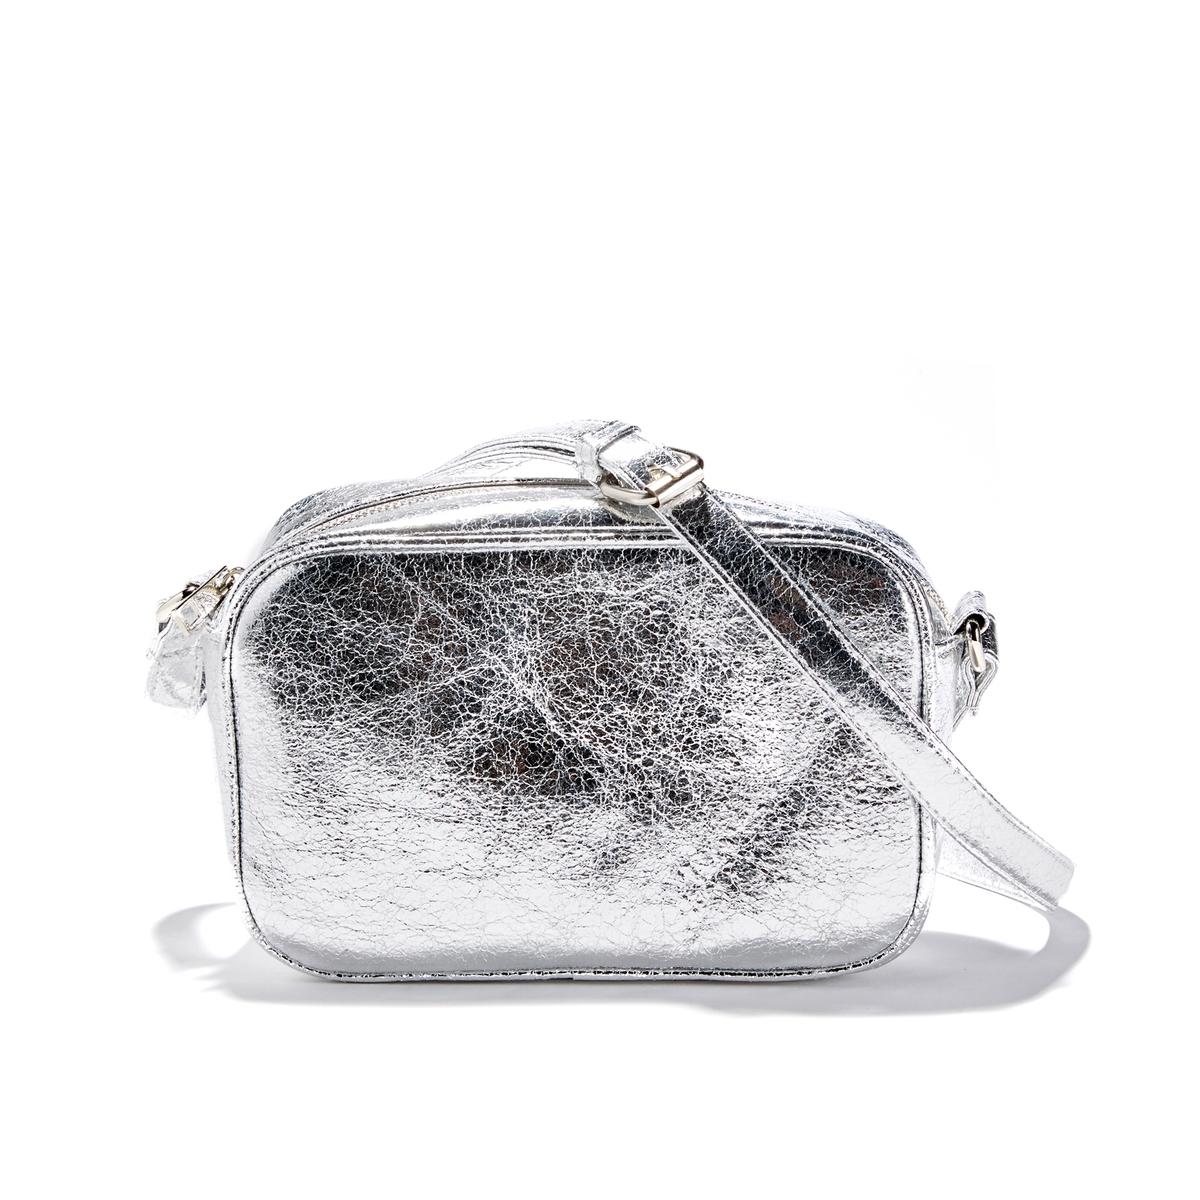 Сумка с ручкамиОписание:Красивая сумка с ручками серебристого цвета, компактная и женственная, добавляет изысканности нашим нарядам. Замечательная форма, модный стильСостав и описание : •  Внешний материал : 100% полиуретан •  Подкладка : 100% полиэстер •  Размер  : Ш22 x В14 x Г7 см •  Застежка : молния •  Внешние карманы : нет •  Внутренние карманы : 2 кармана для мобильного телефона + 1 карман на молнии •  Ремешок : регулируемый, несъемный •  Носить : через плечо<br><br>Цвет: золотистый,серебристый<br>Размер: единый размер.единый размер